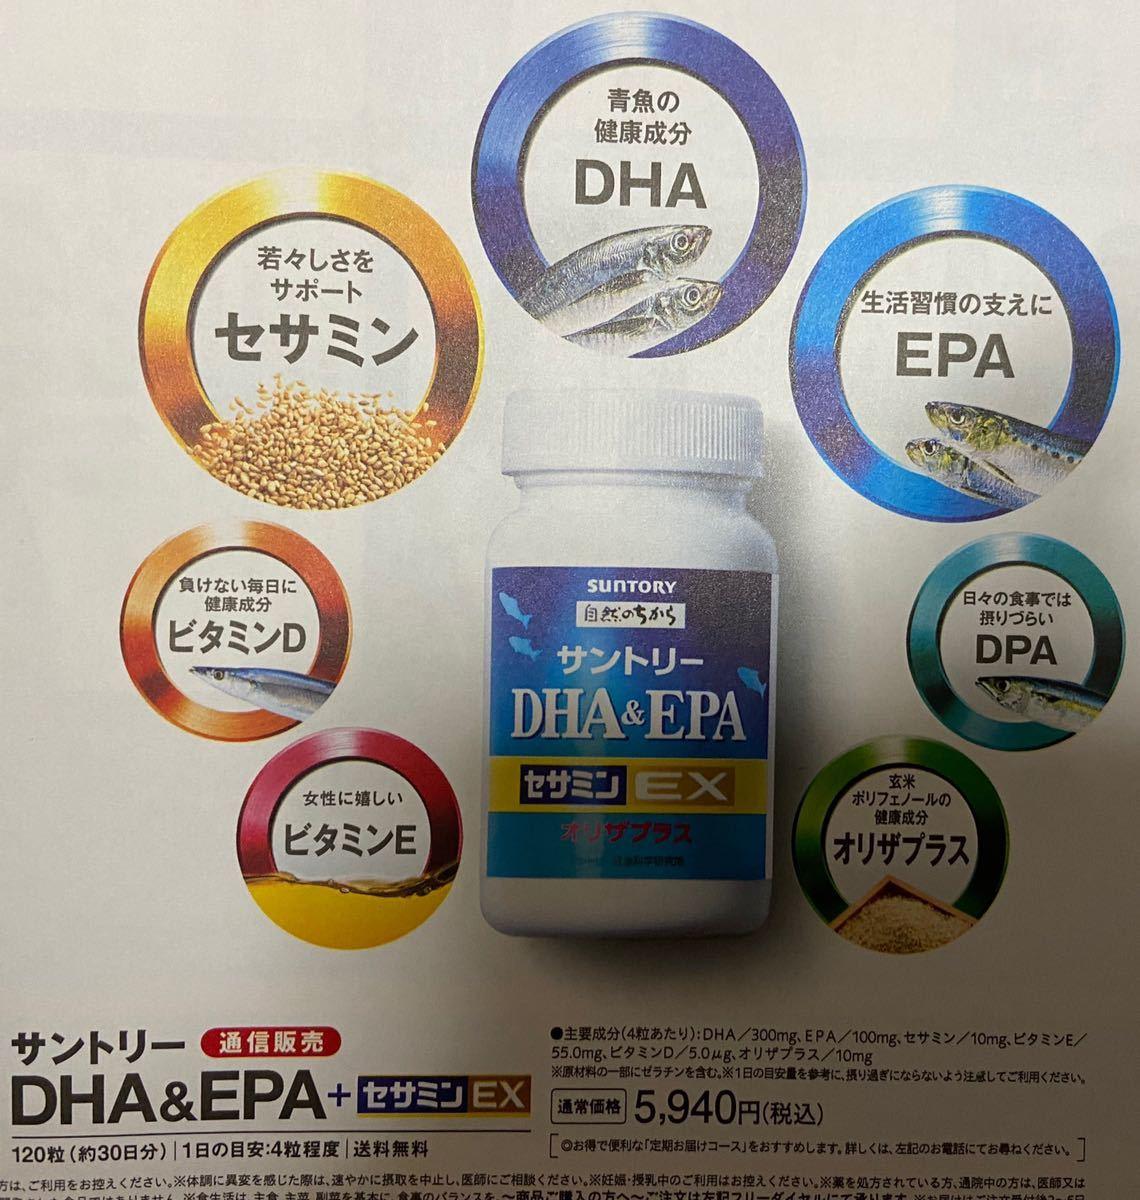 サントリーDHA&EPA セサミンEX 定価5940円→無料→申込用紙20枚 健康食品 サントリーサプリメント 無料応募申込用紙20枚_画像3